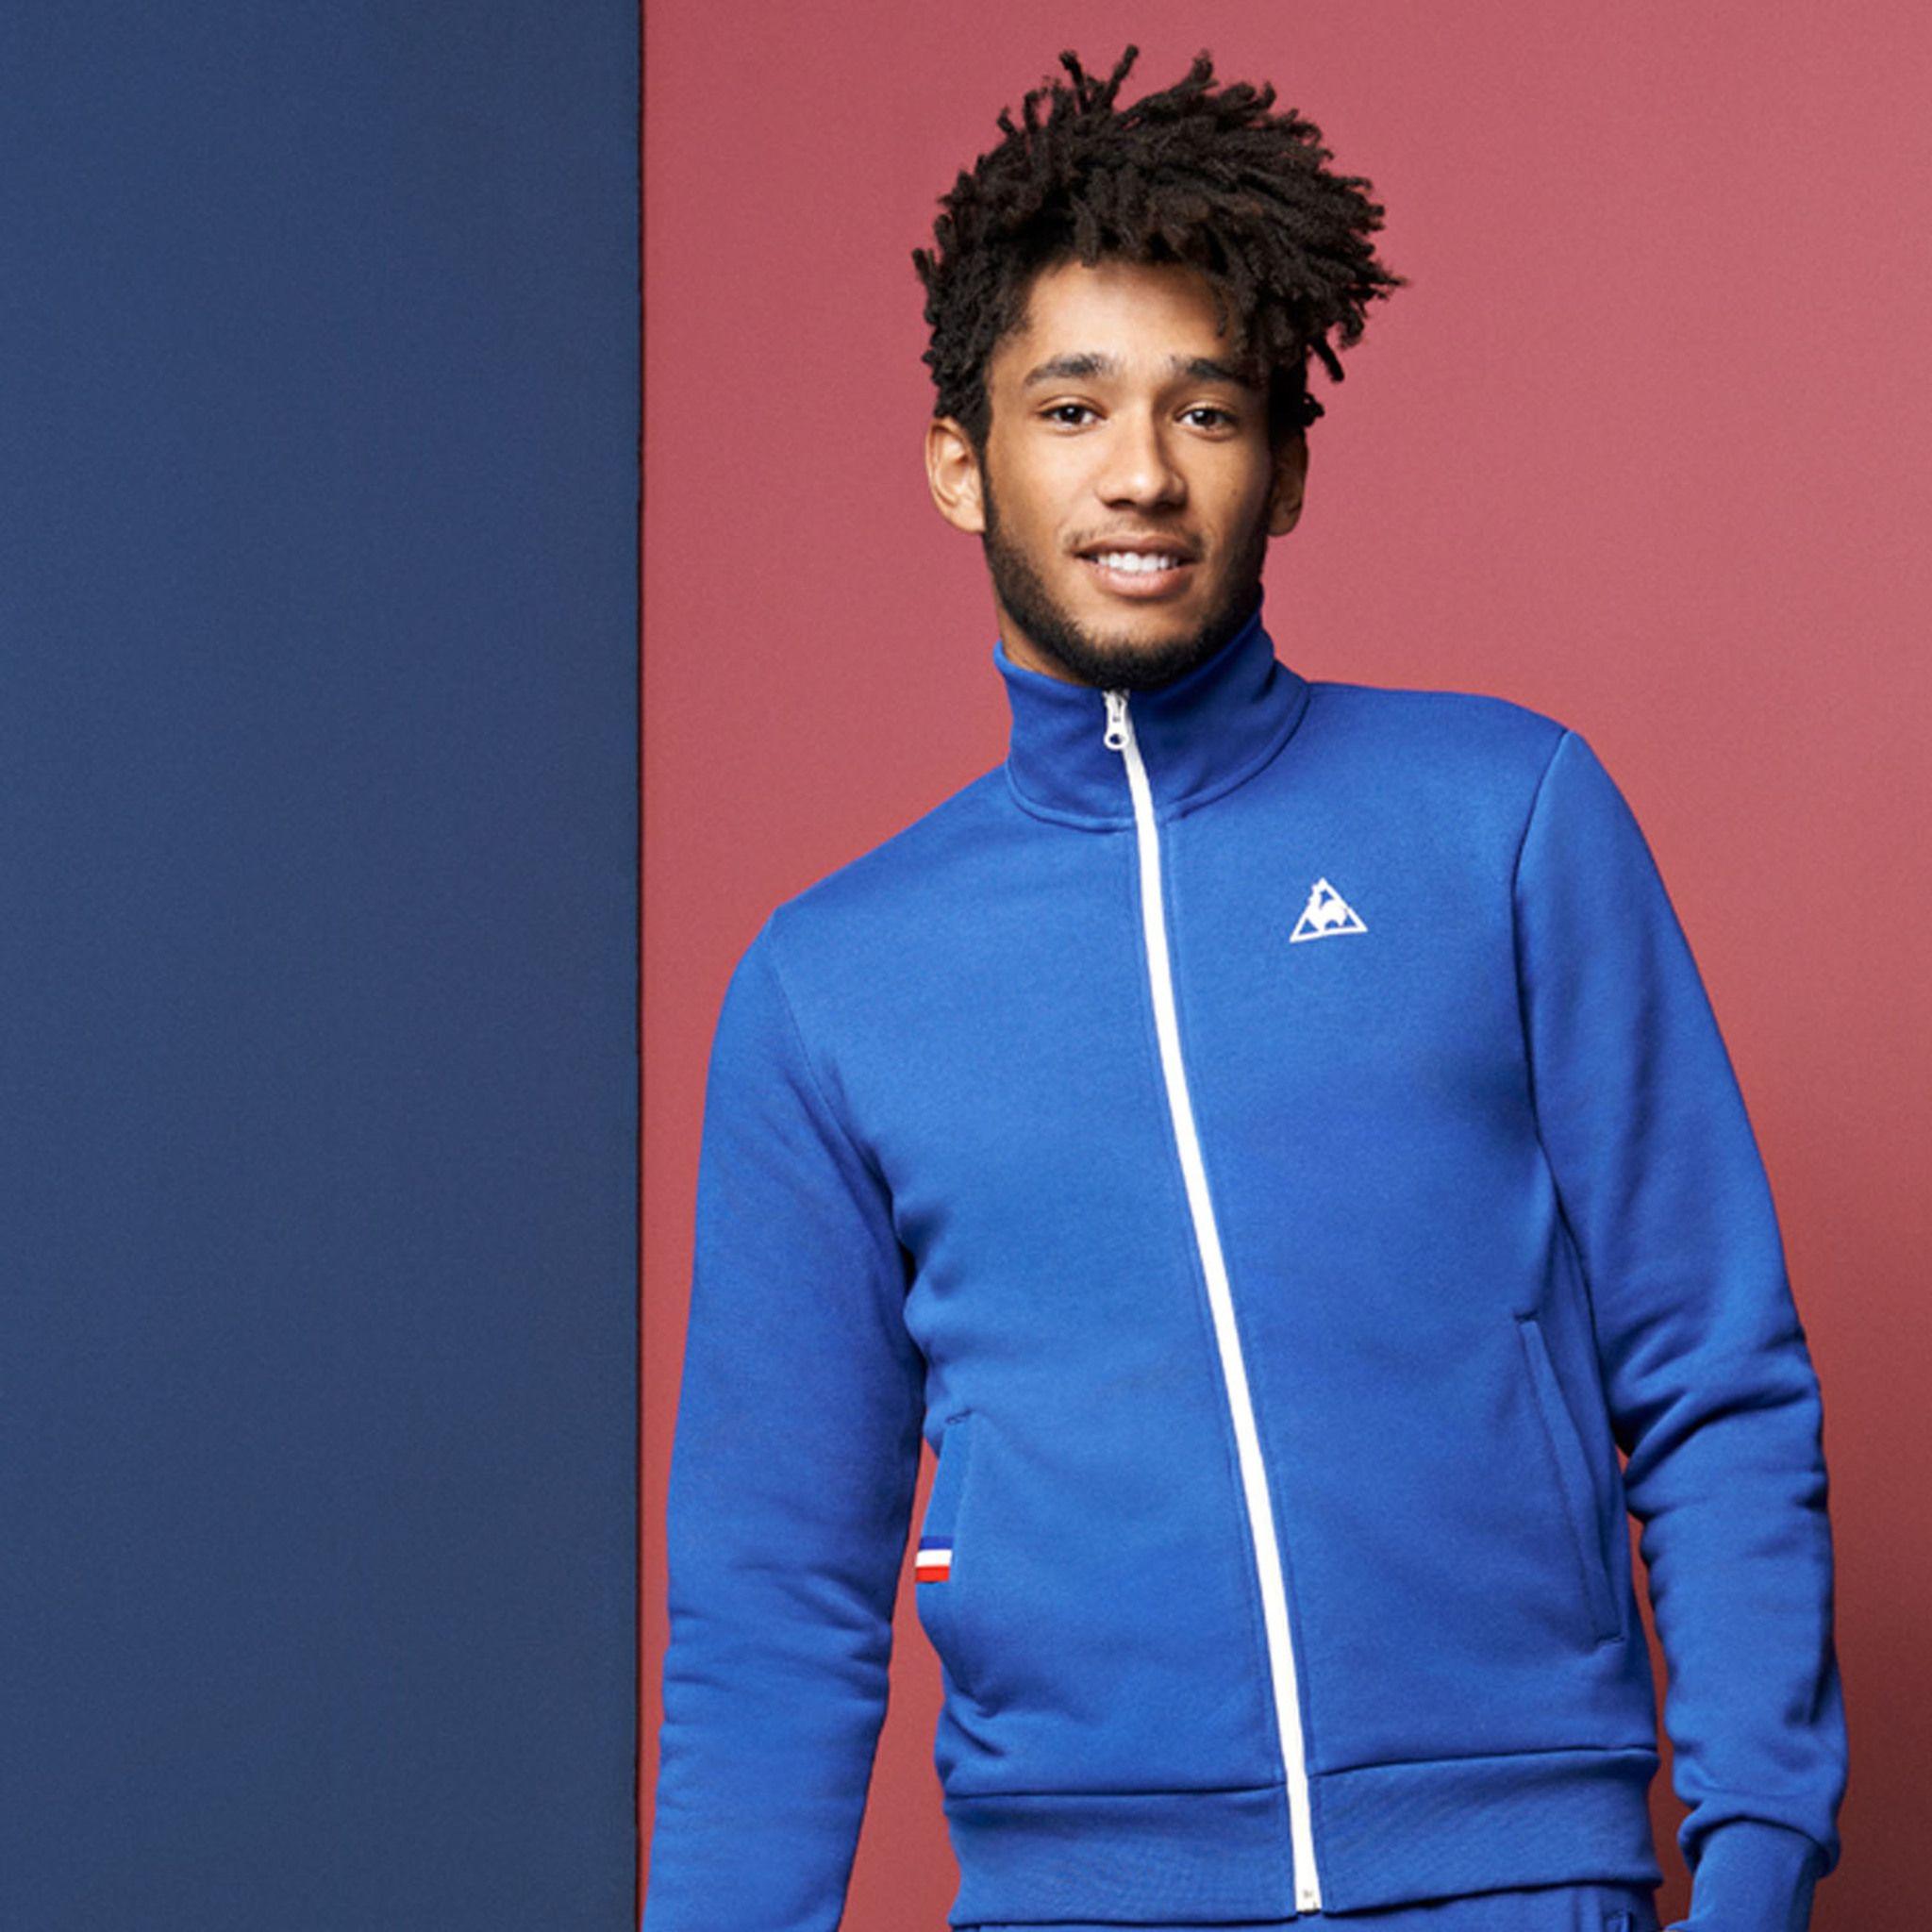 le coq sportif 15 de france jacket